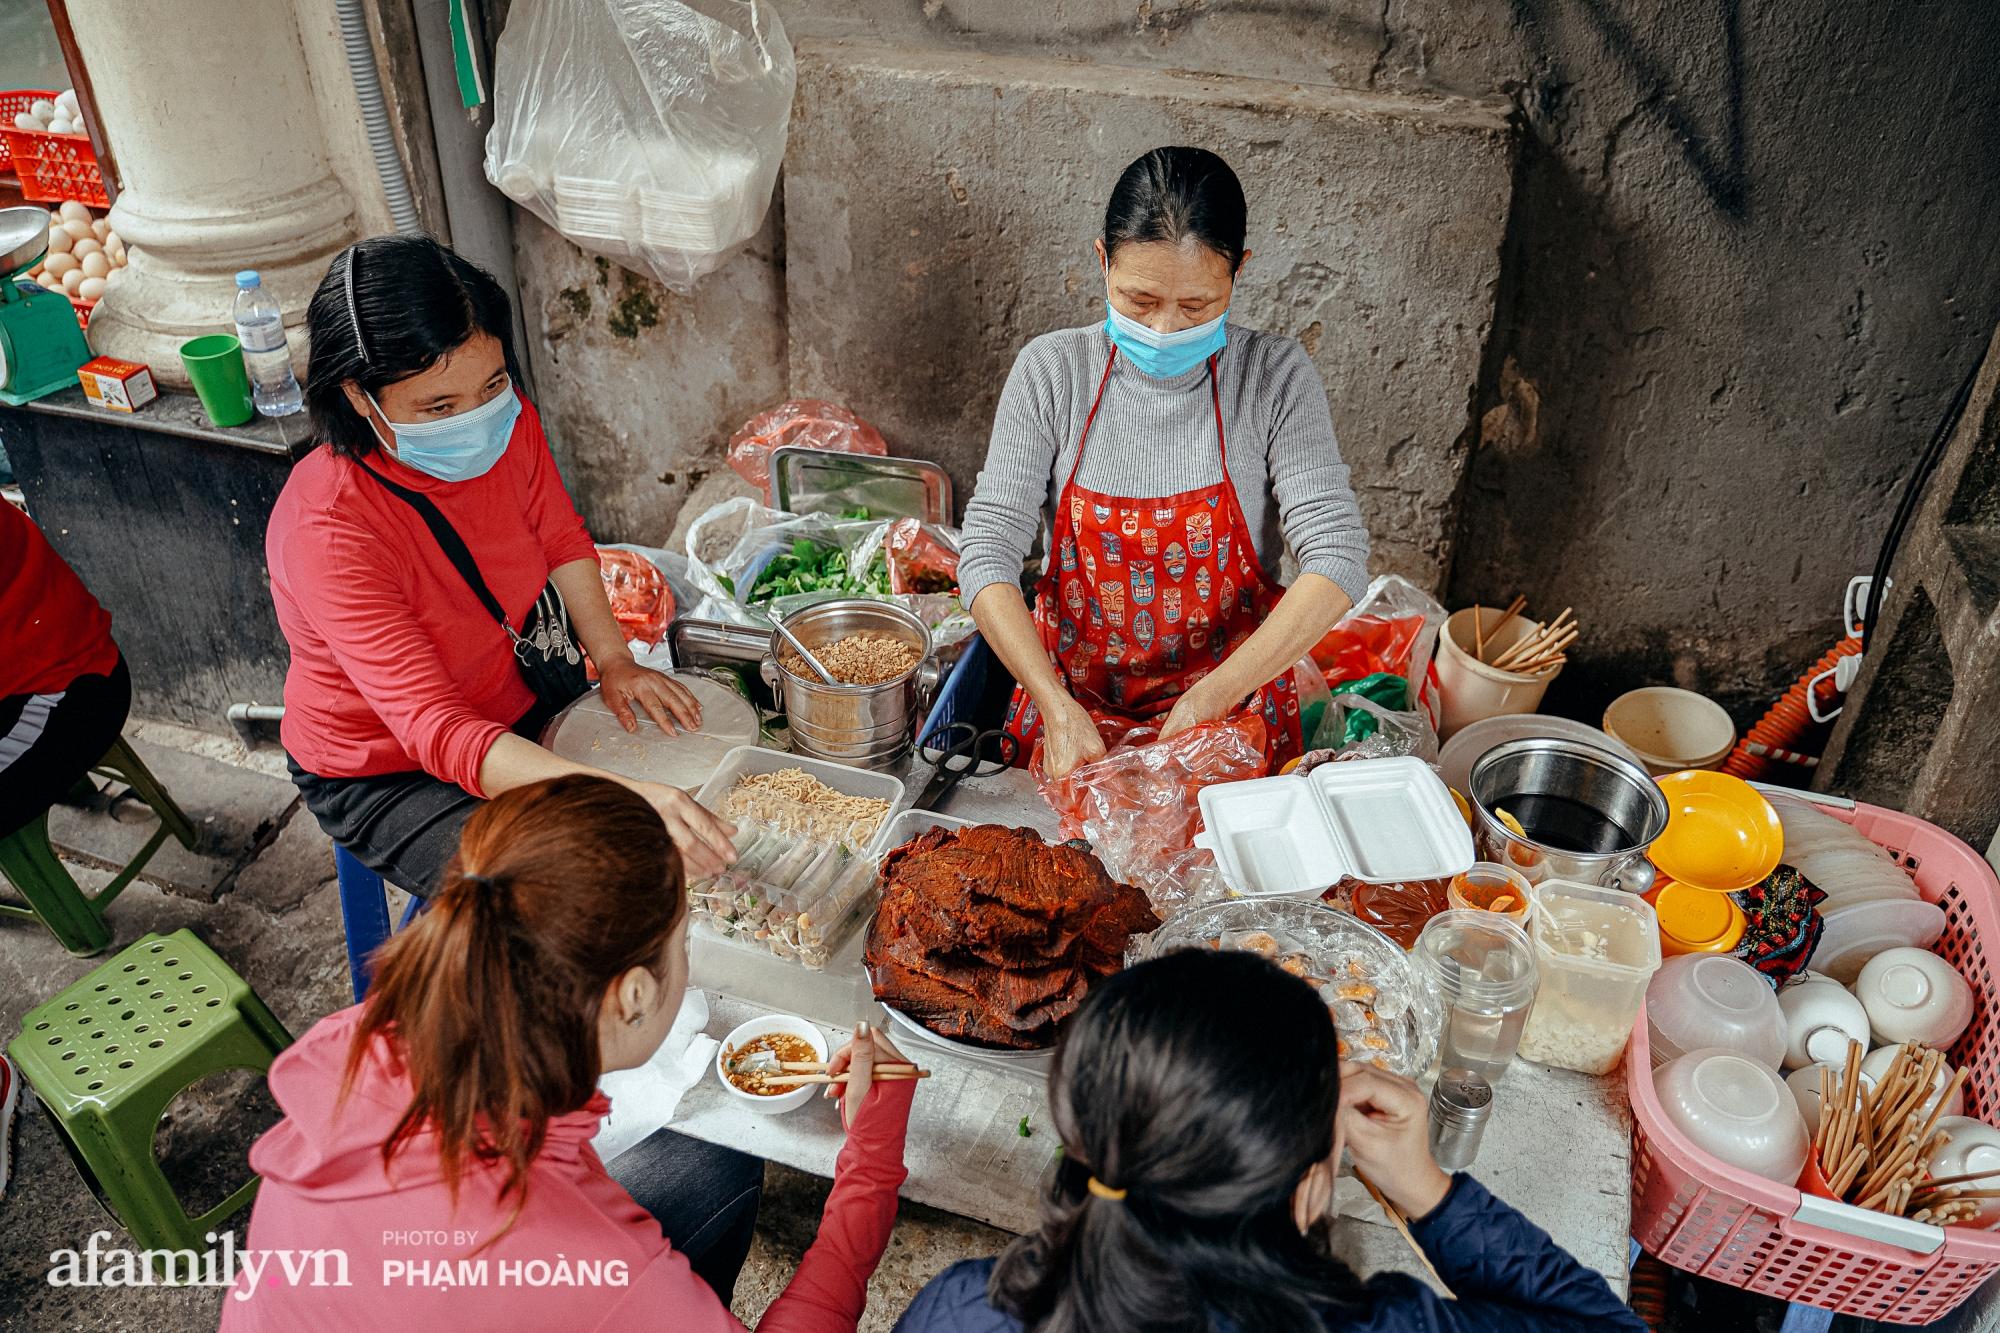 Ngày cuối năm bình yên trong ngõ chợ Thanh Hà - ngôi chợ lâu đời nhất phố cổ được giới nhà giàu chuộng mua vì toàn đồ chất lượng tươi ngon - Ảnh 2.